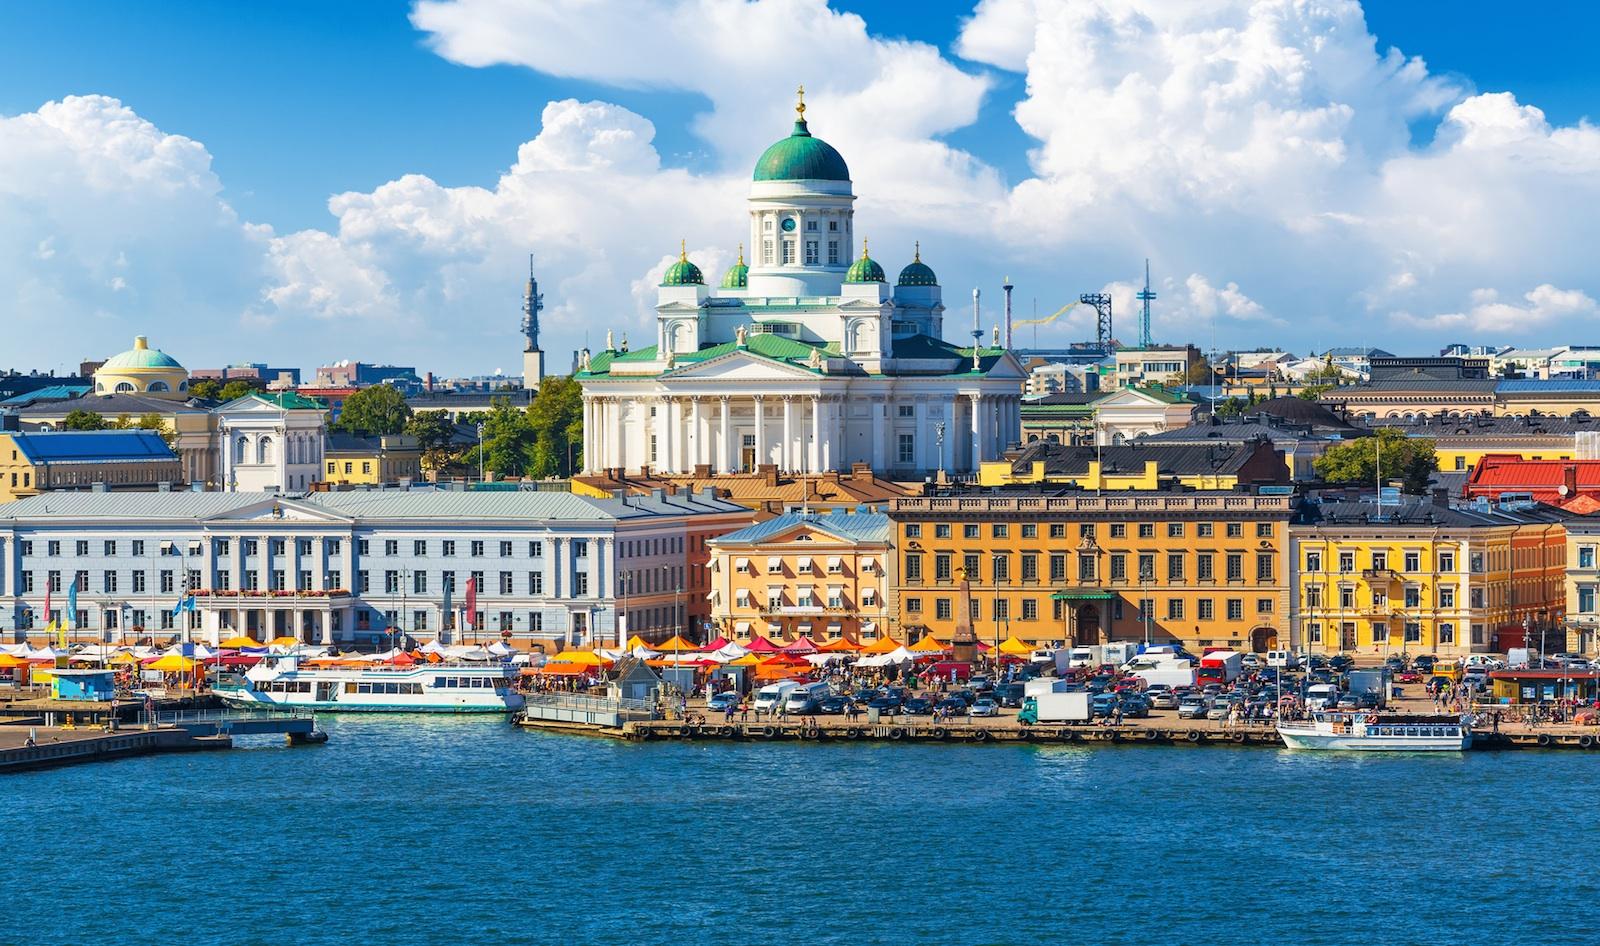 Scandinavia - Helsinki, Finland